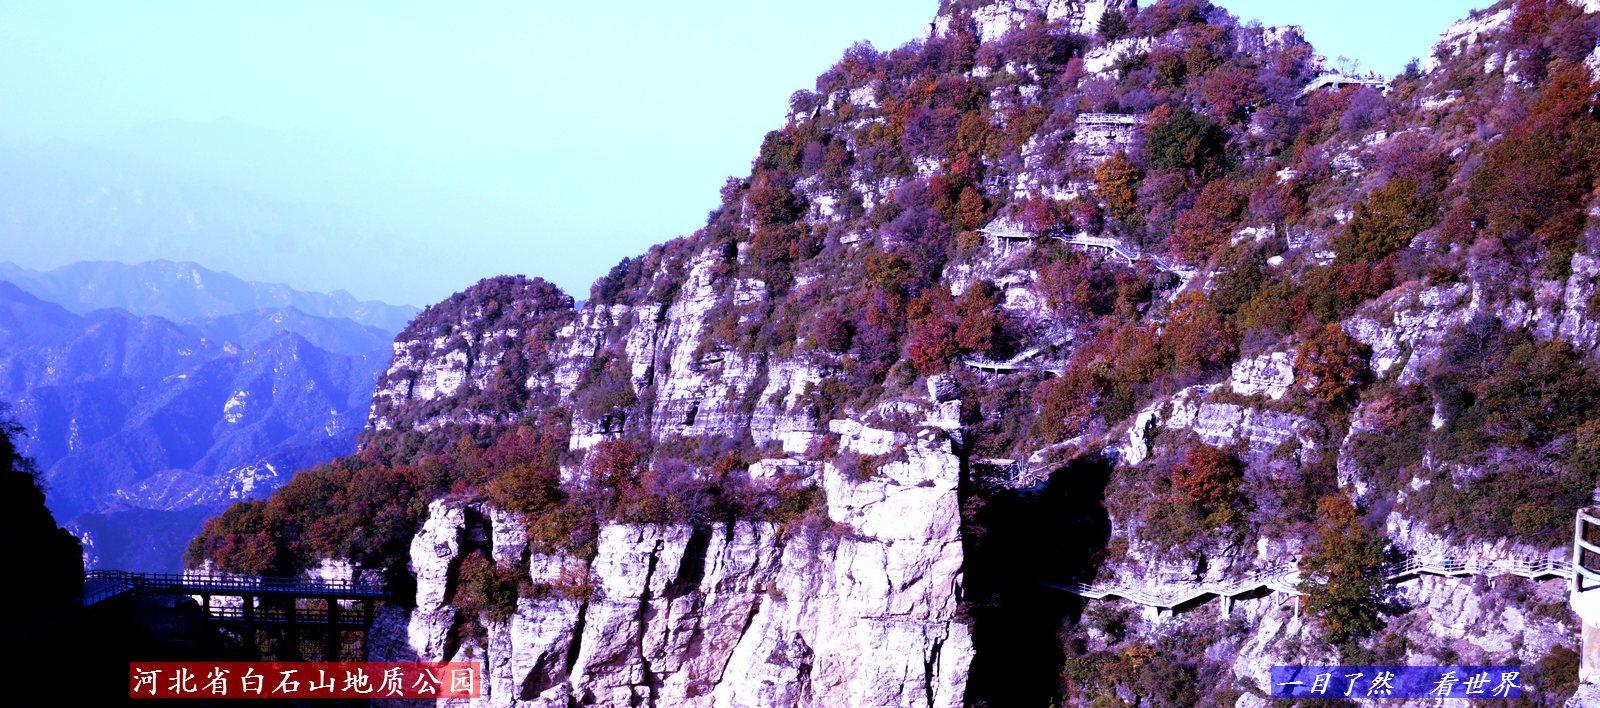 河北房山世界地质公园(白石山)--13-1600.jpg